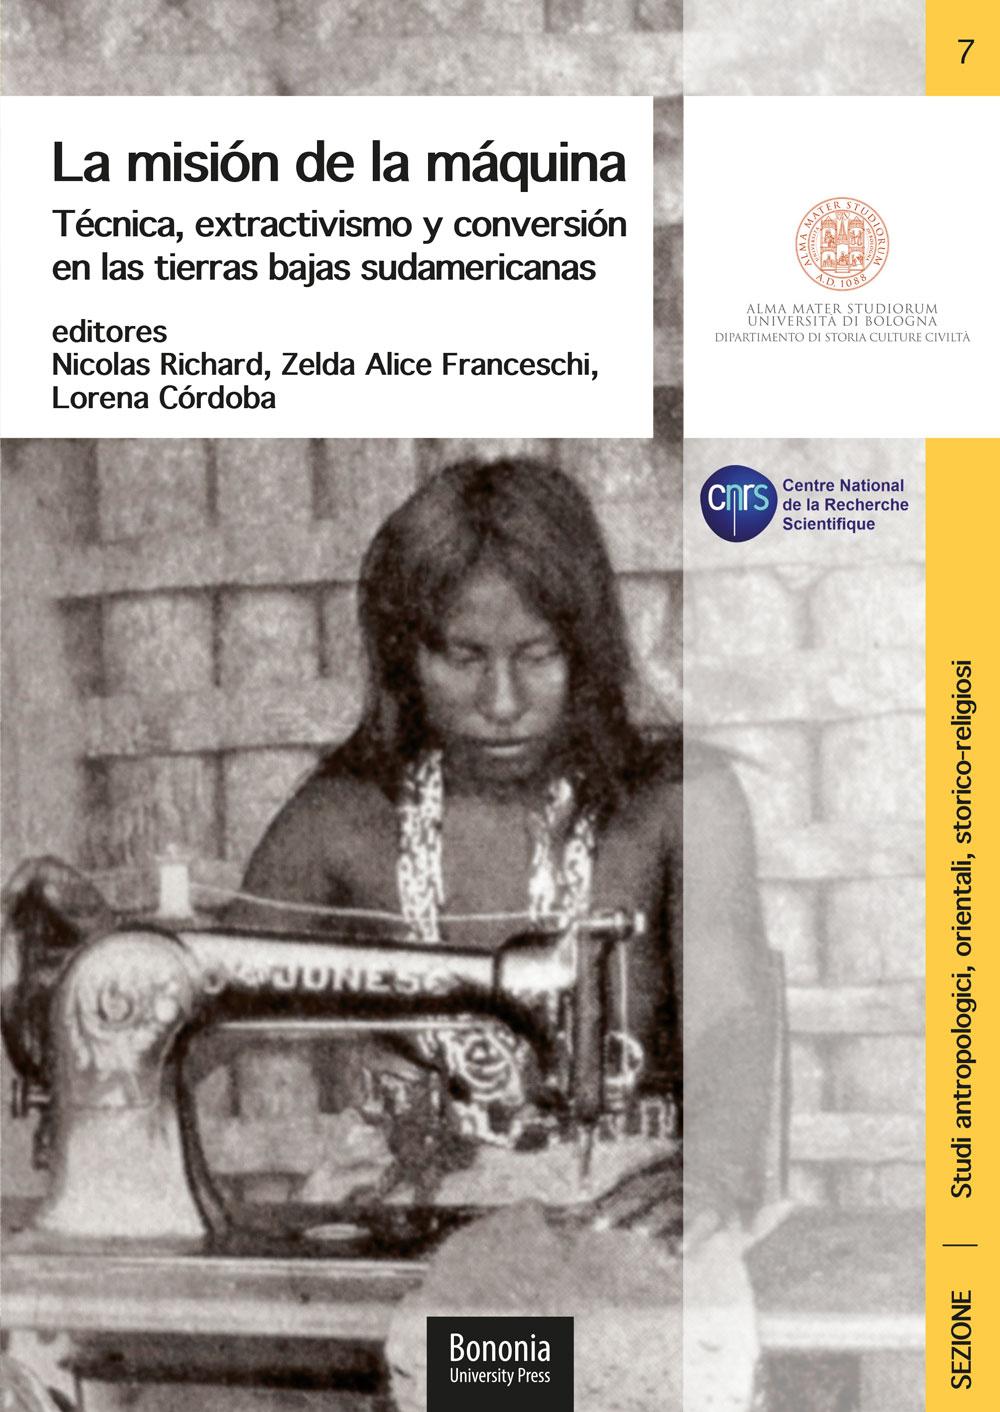 07. La misión de la máquina - Bononia University Press